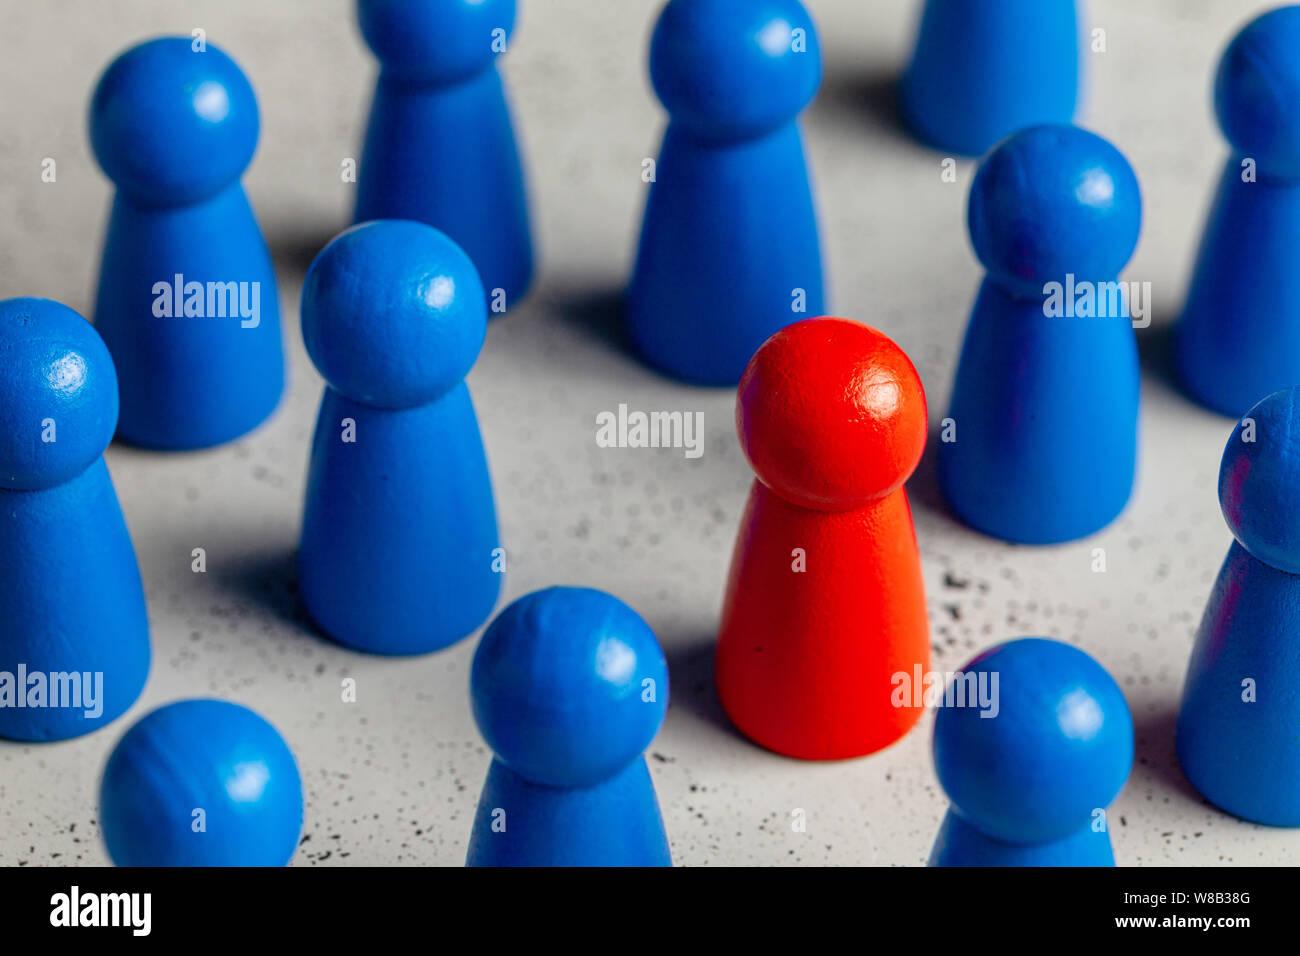 Selezione e ricerca il miglior dipendente leader. L' assunzione di personale, HR. Buon lavoratore spicca nella folla Foto Stock